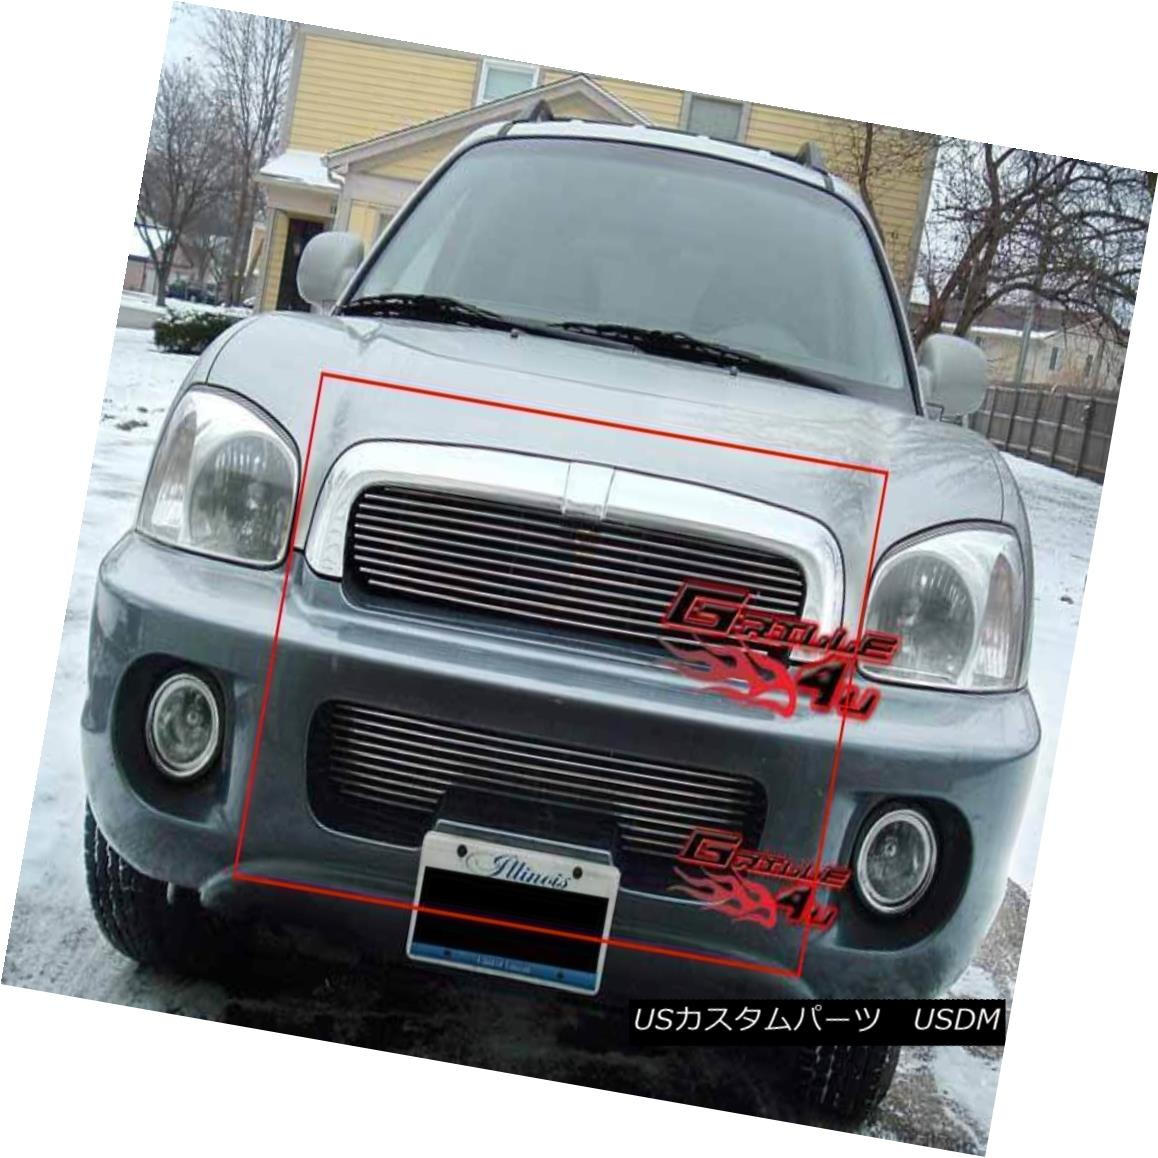 グリル Fits 2001-2004 Hyundai Santa Fe Billet Grille Combo 2001-2004現代サンタフェビレットグリルコンボに適合